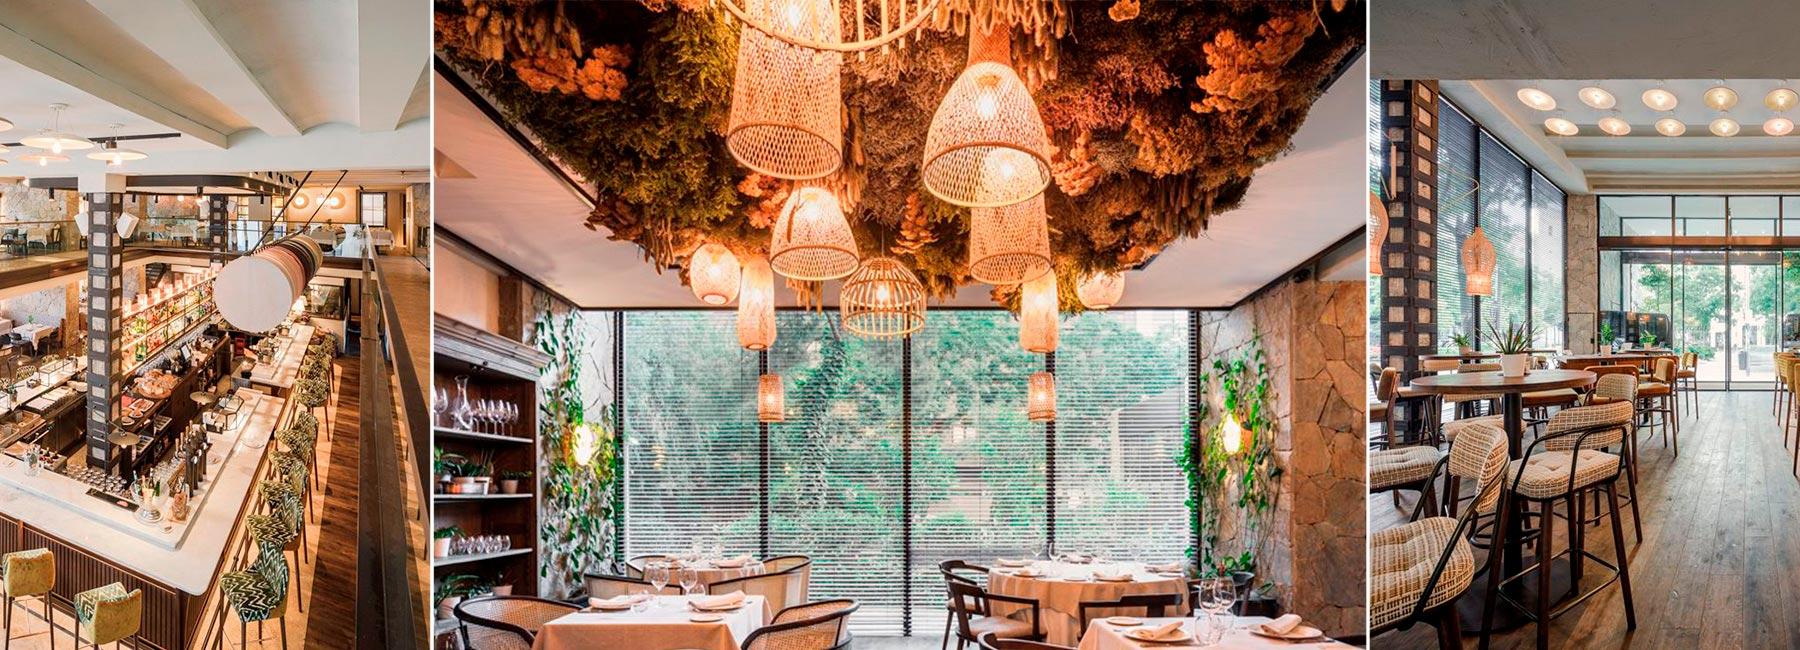 Дизайн интерьера ресторана Carbon Negro с необычным потолком